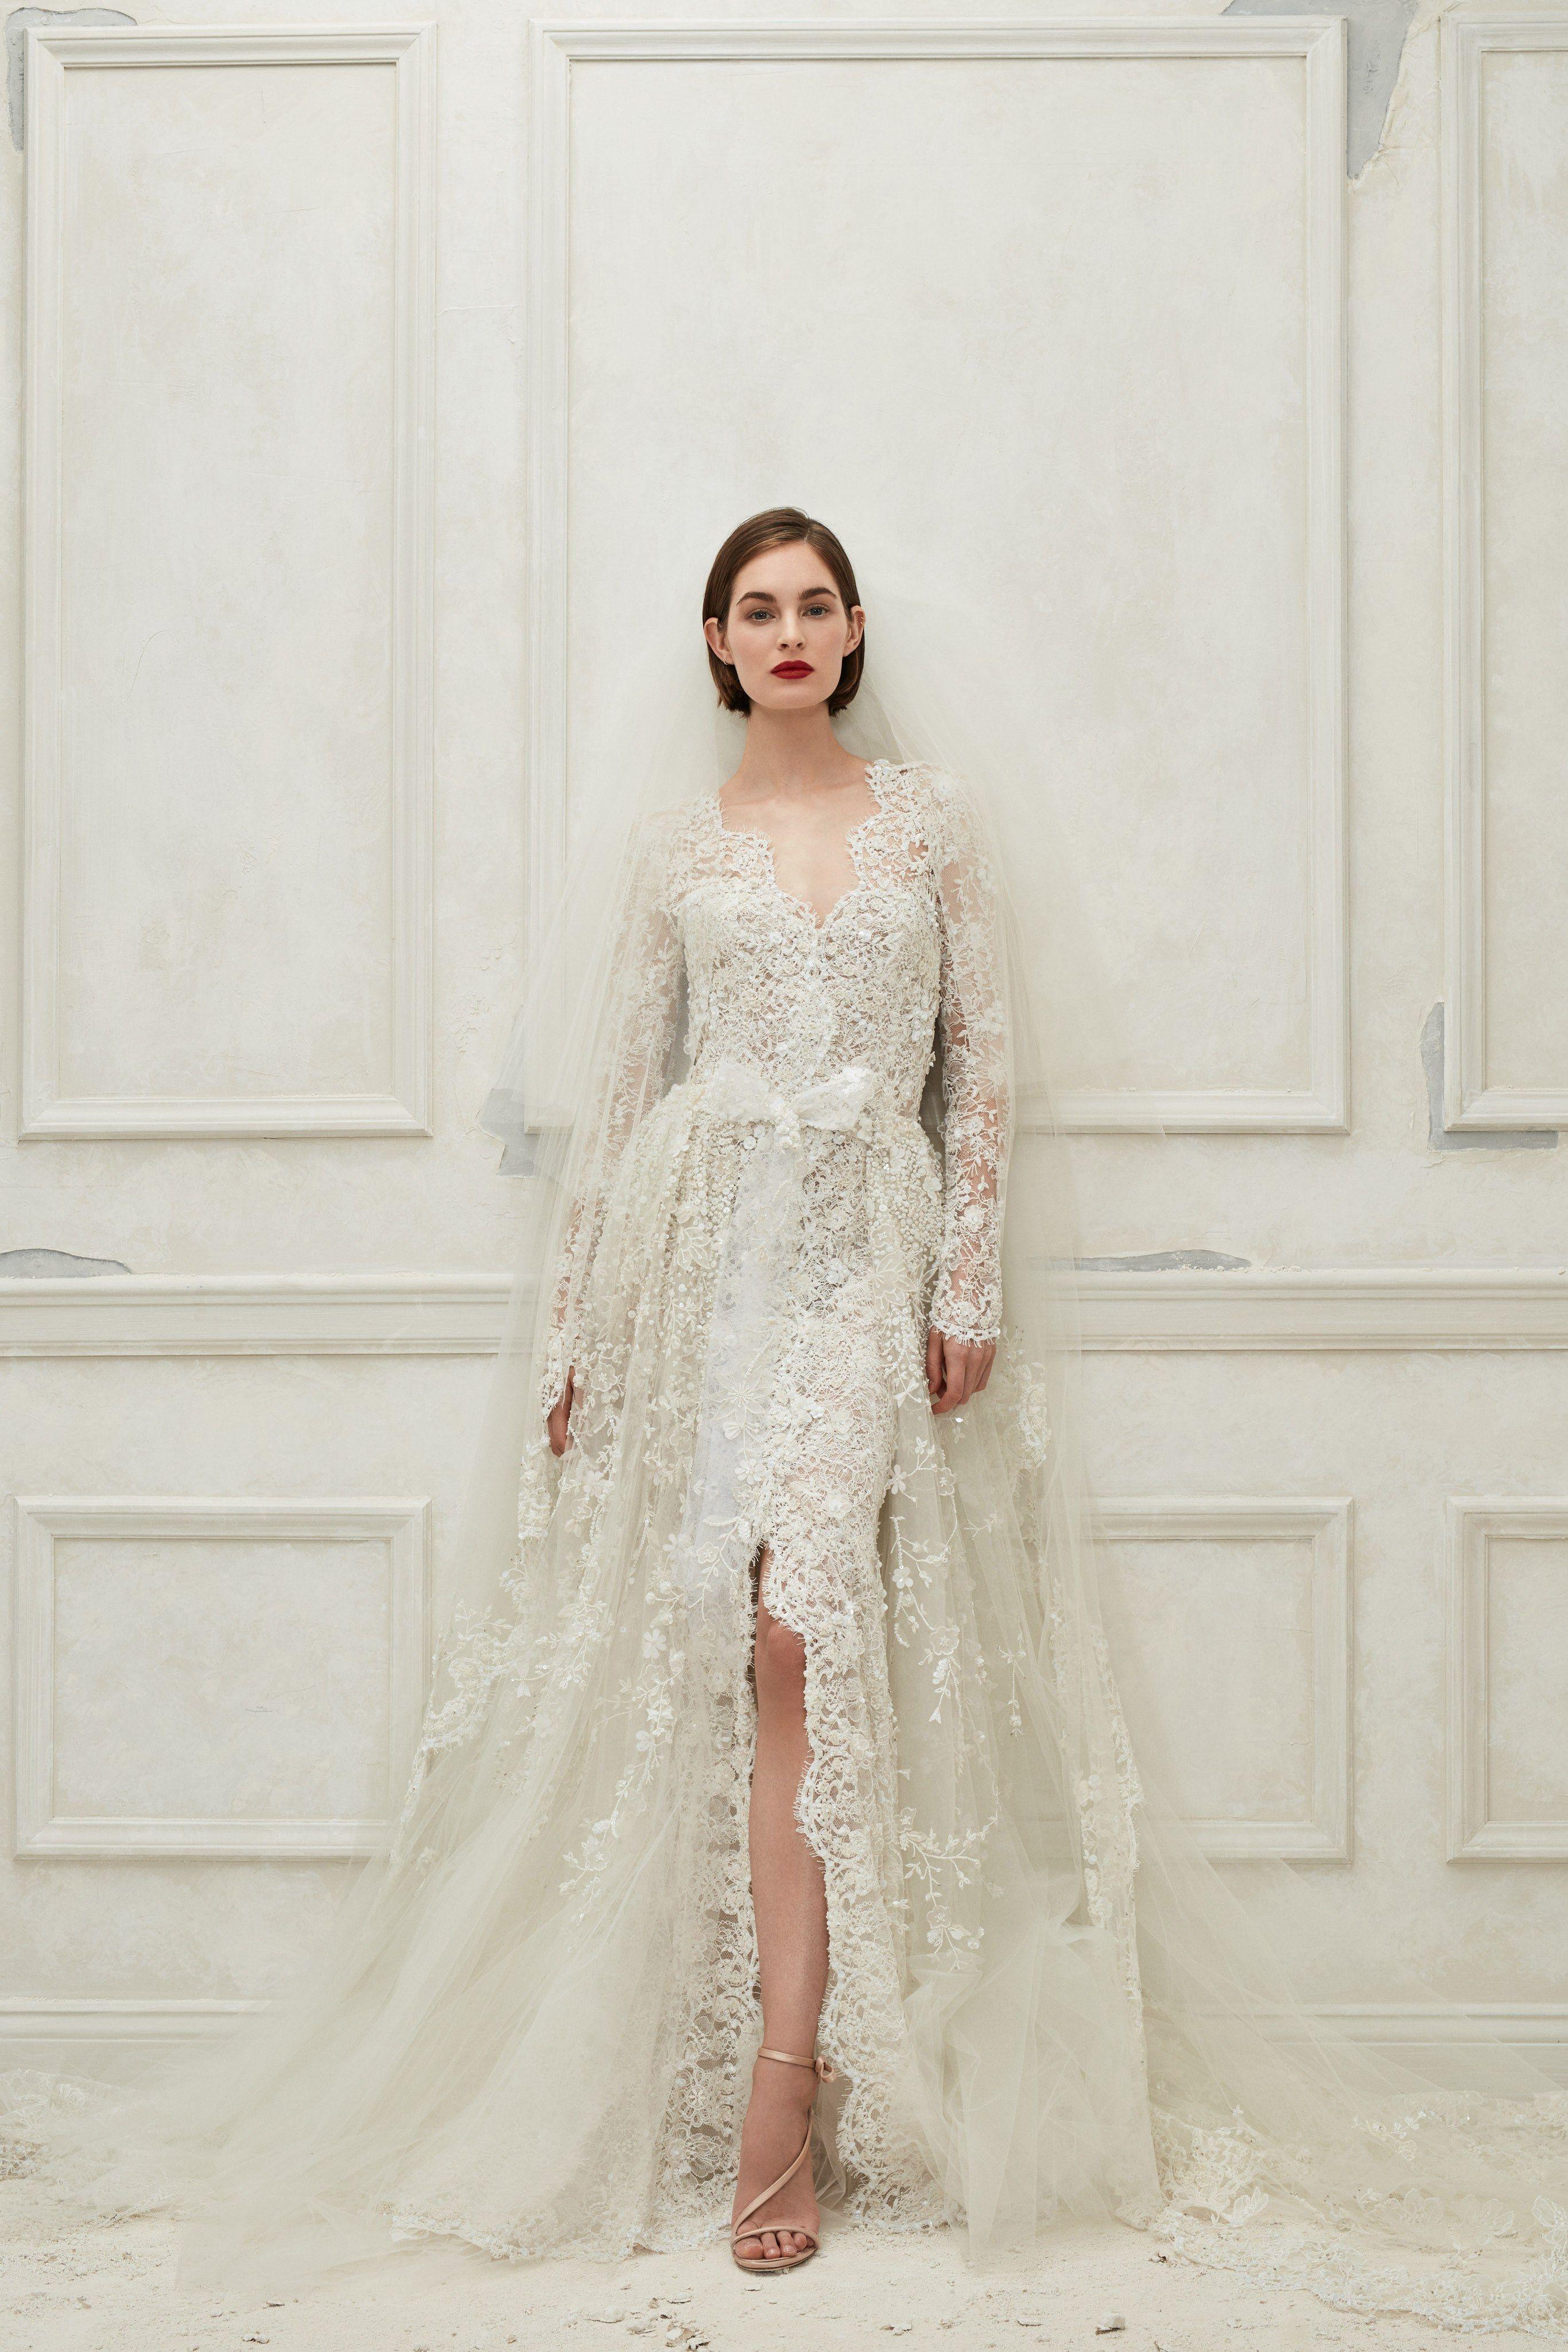 Oscar de la renta bridal fall fashion show in all things